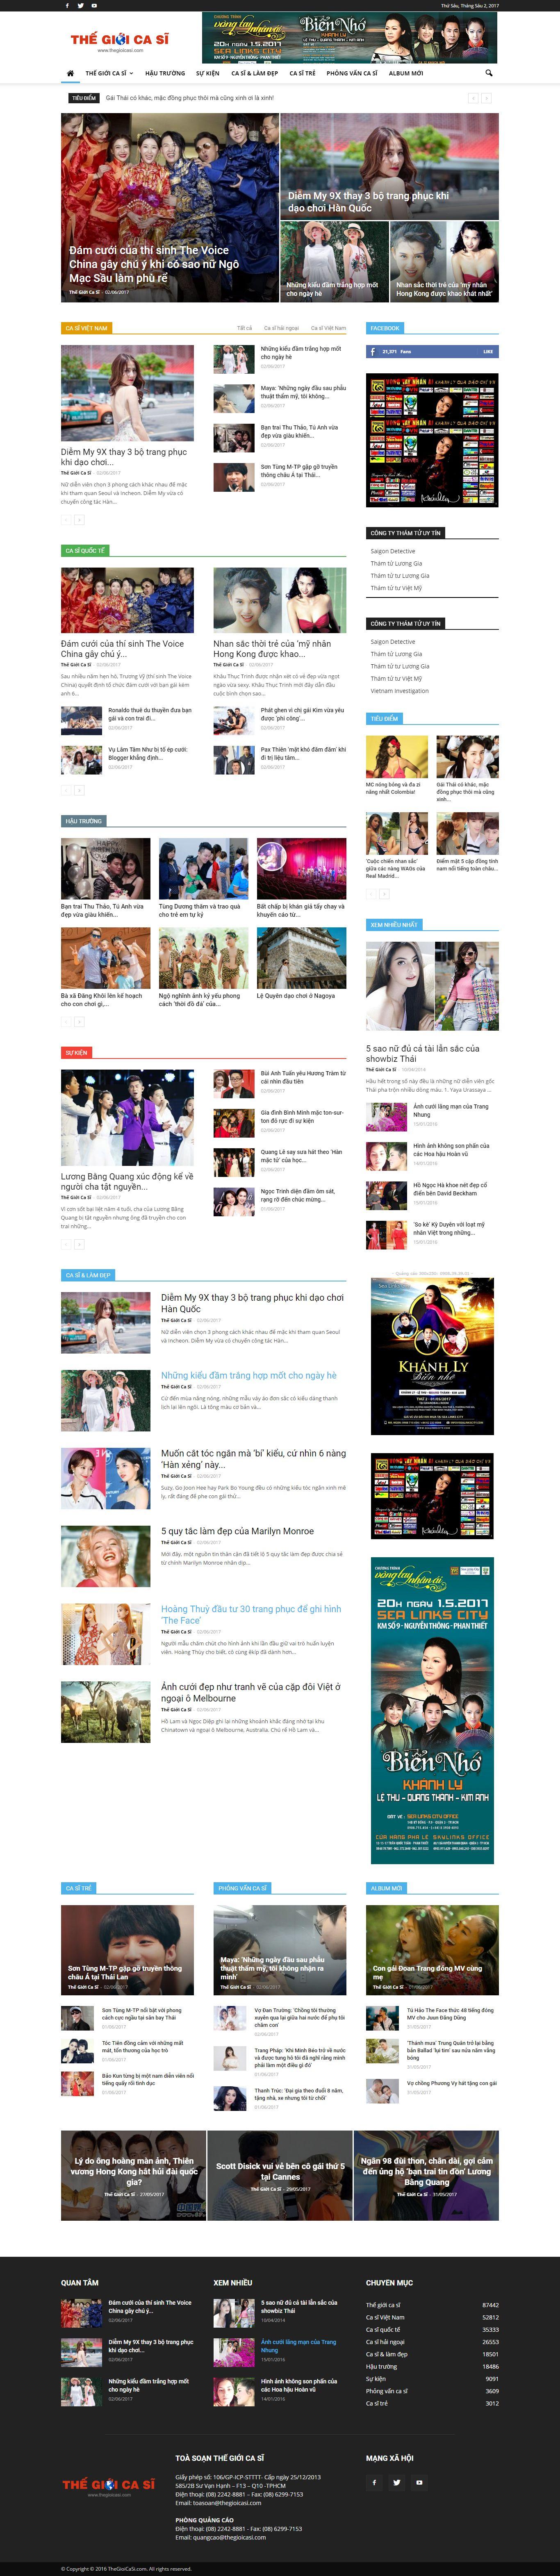 Thiết kế website thế giới ca sĩ đẹp, chuyên nghiệp chuẩn SEO